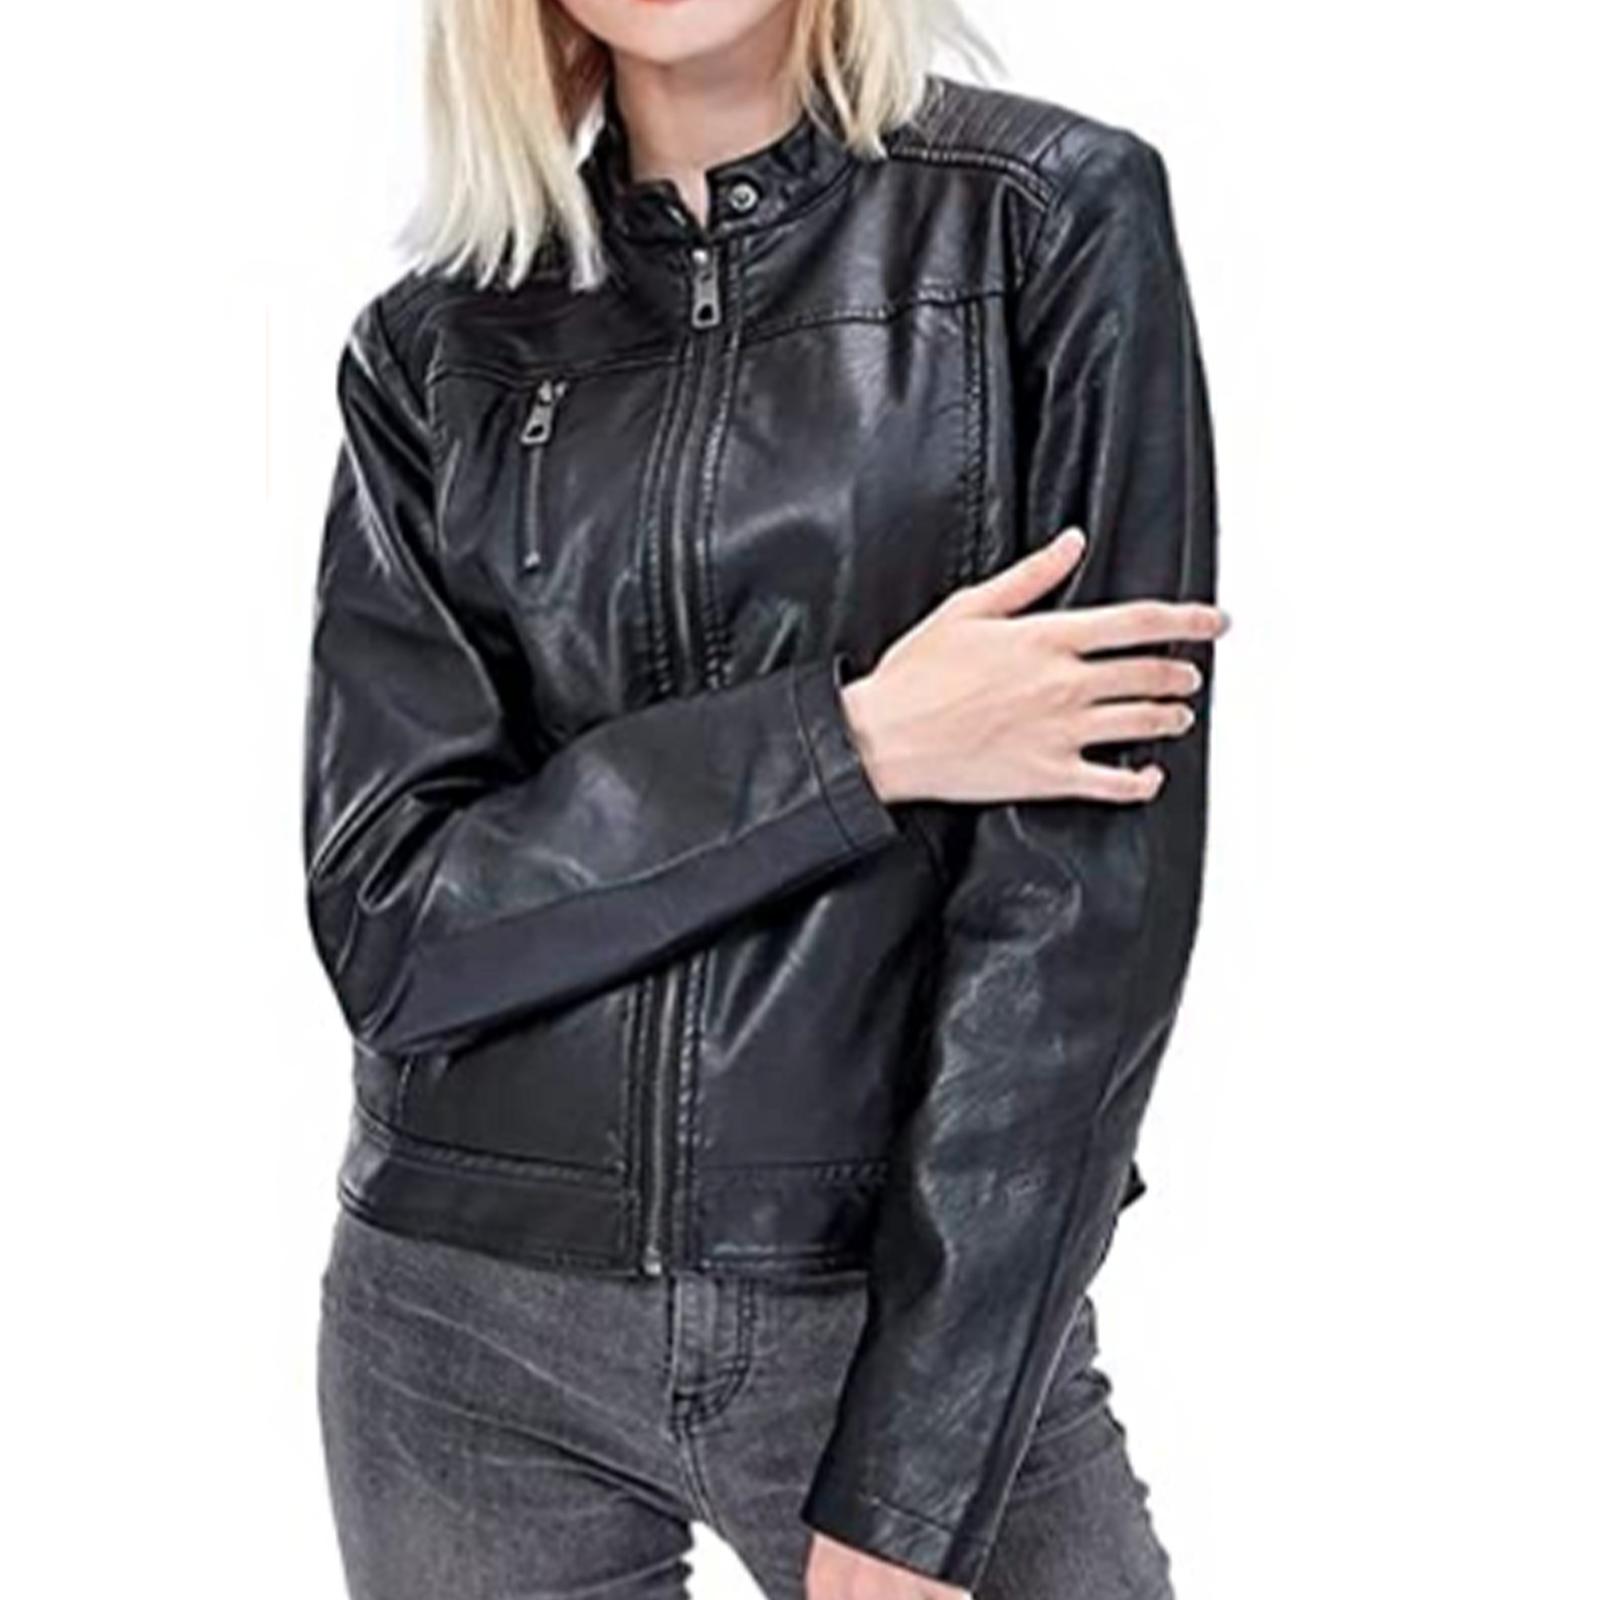 New Women's Sheep Leather Jackets Zipper Motorcycle Moto Biker Outwear Slim Coat